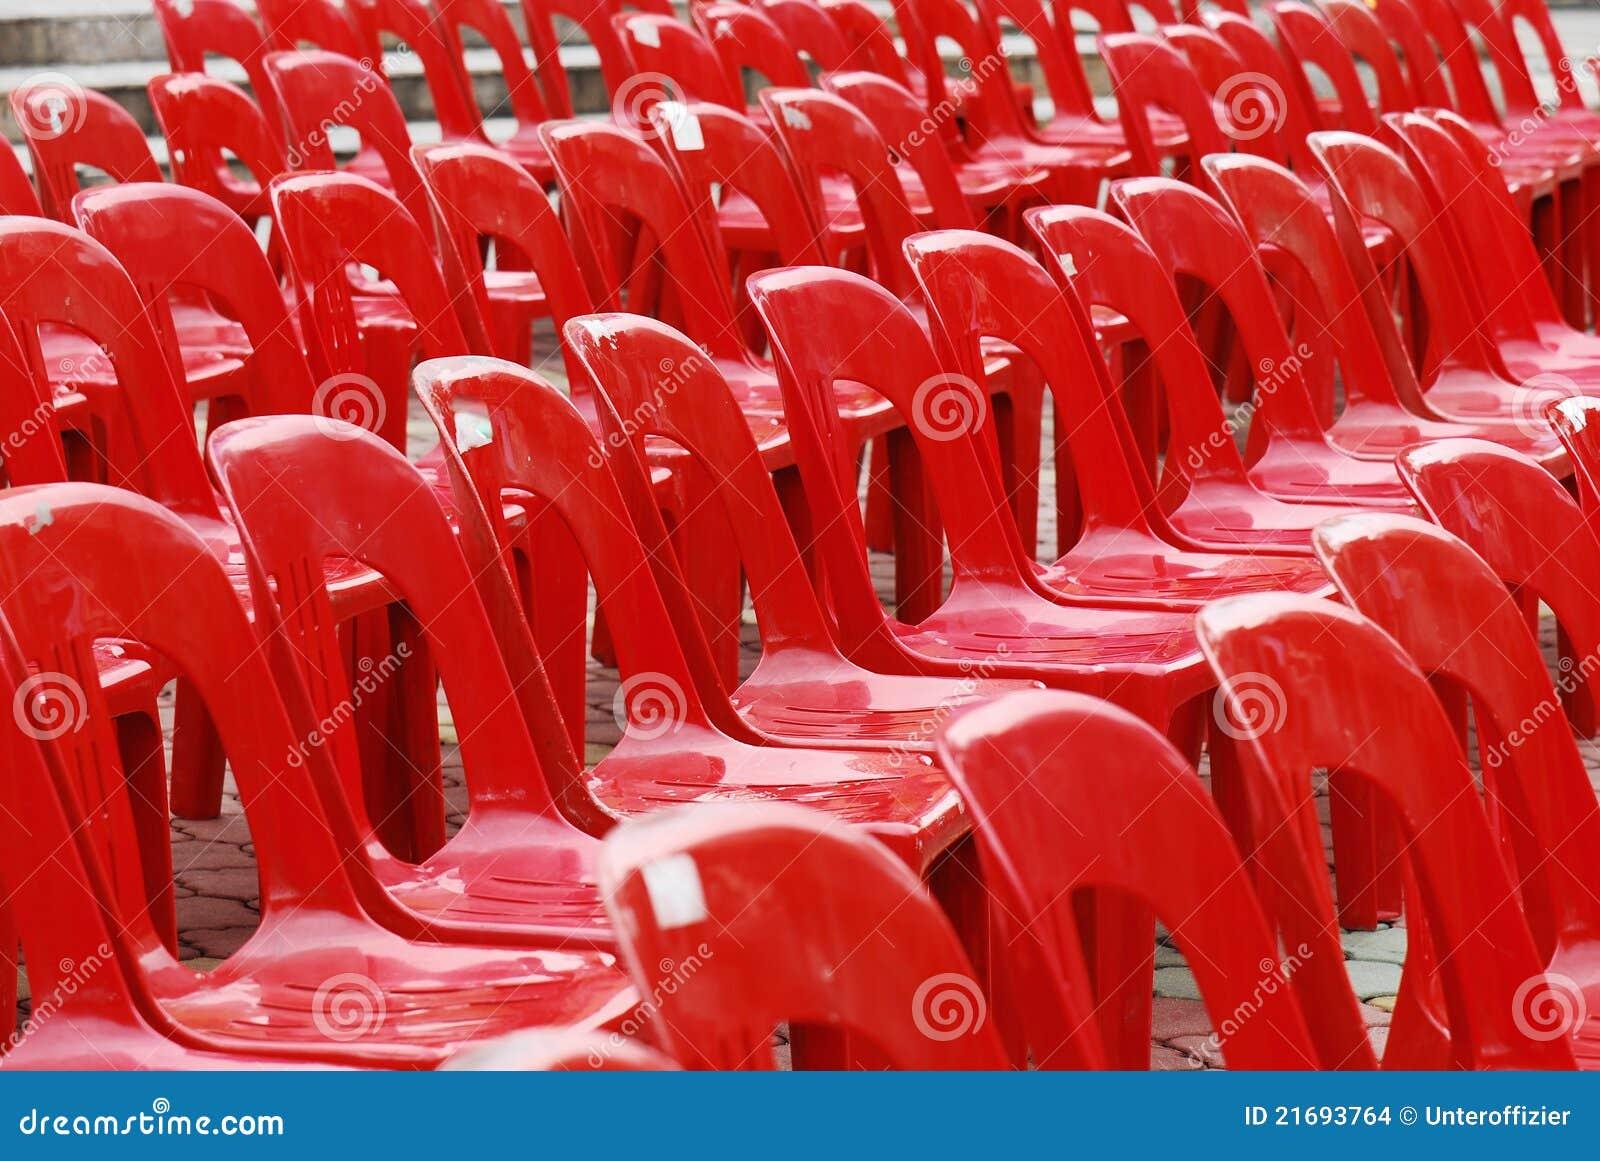 Cadeiras plásticas vermelhas